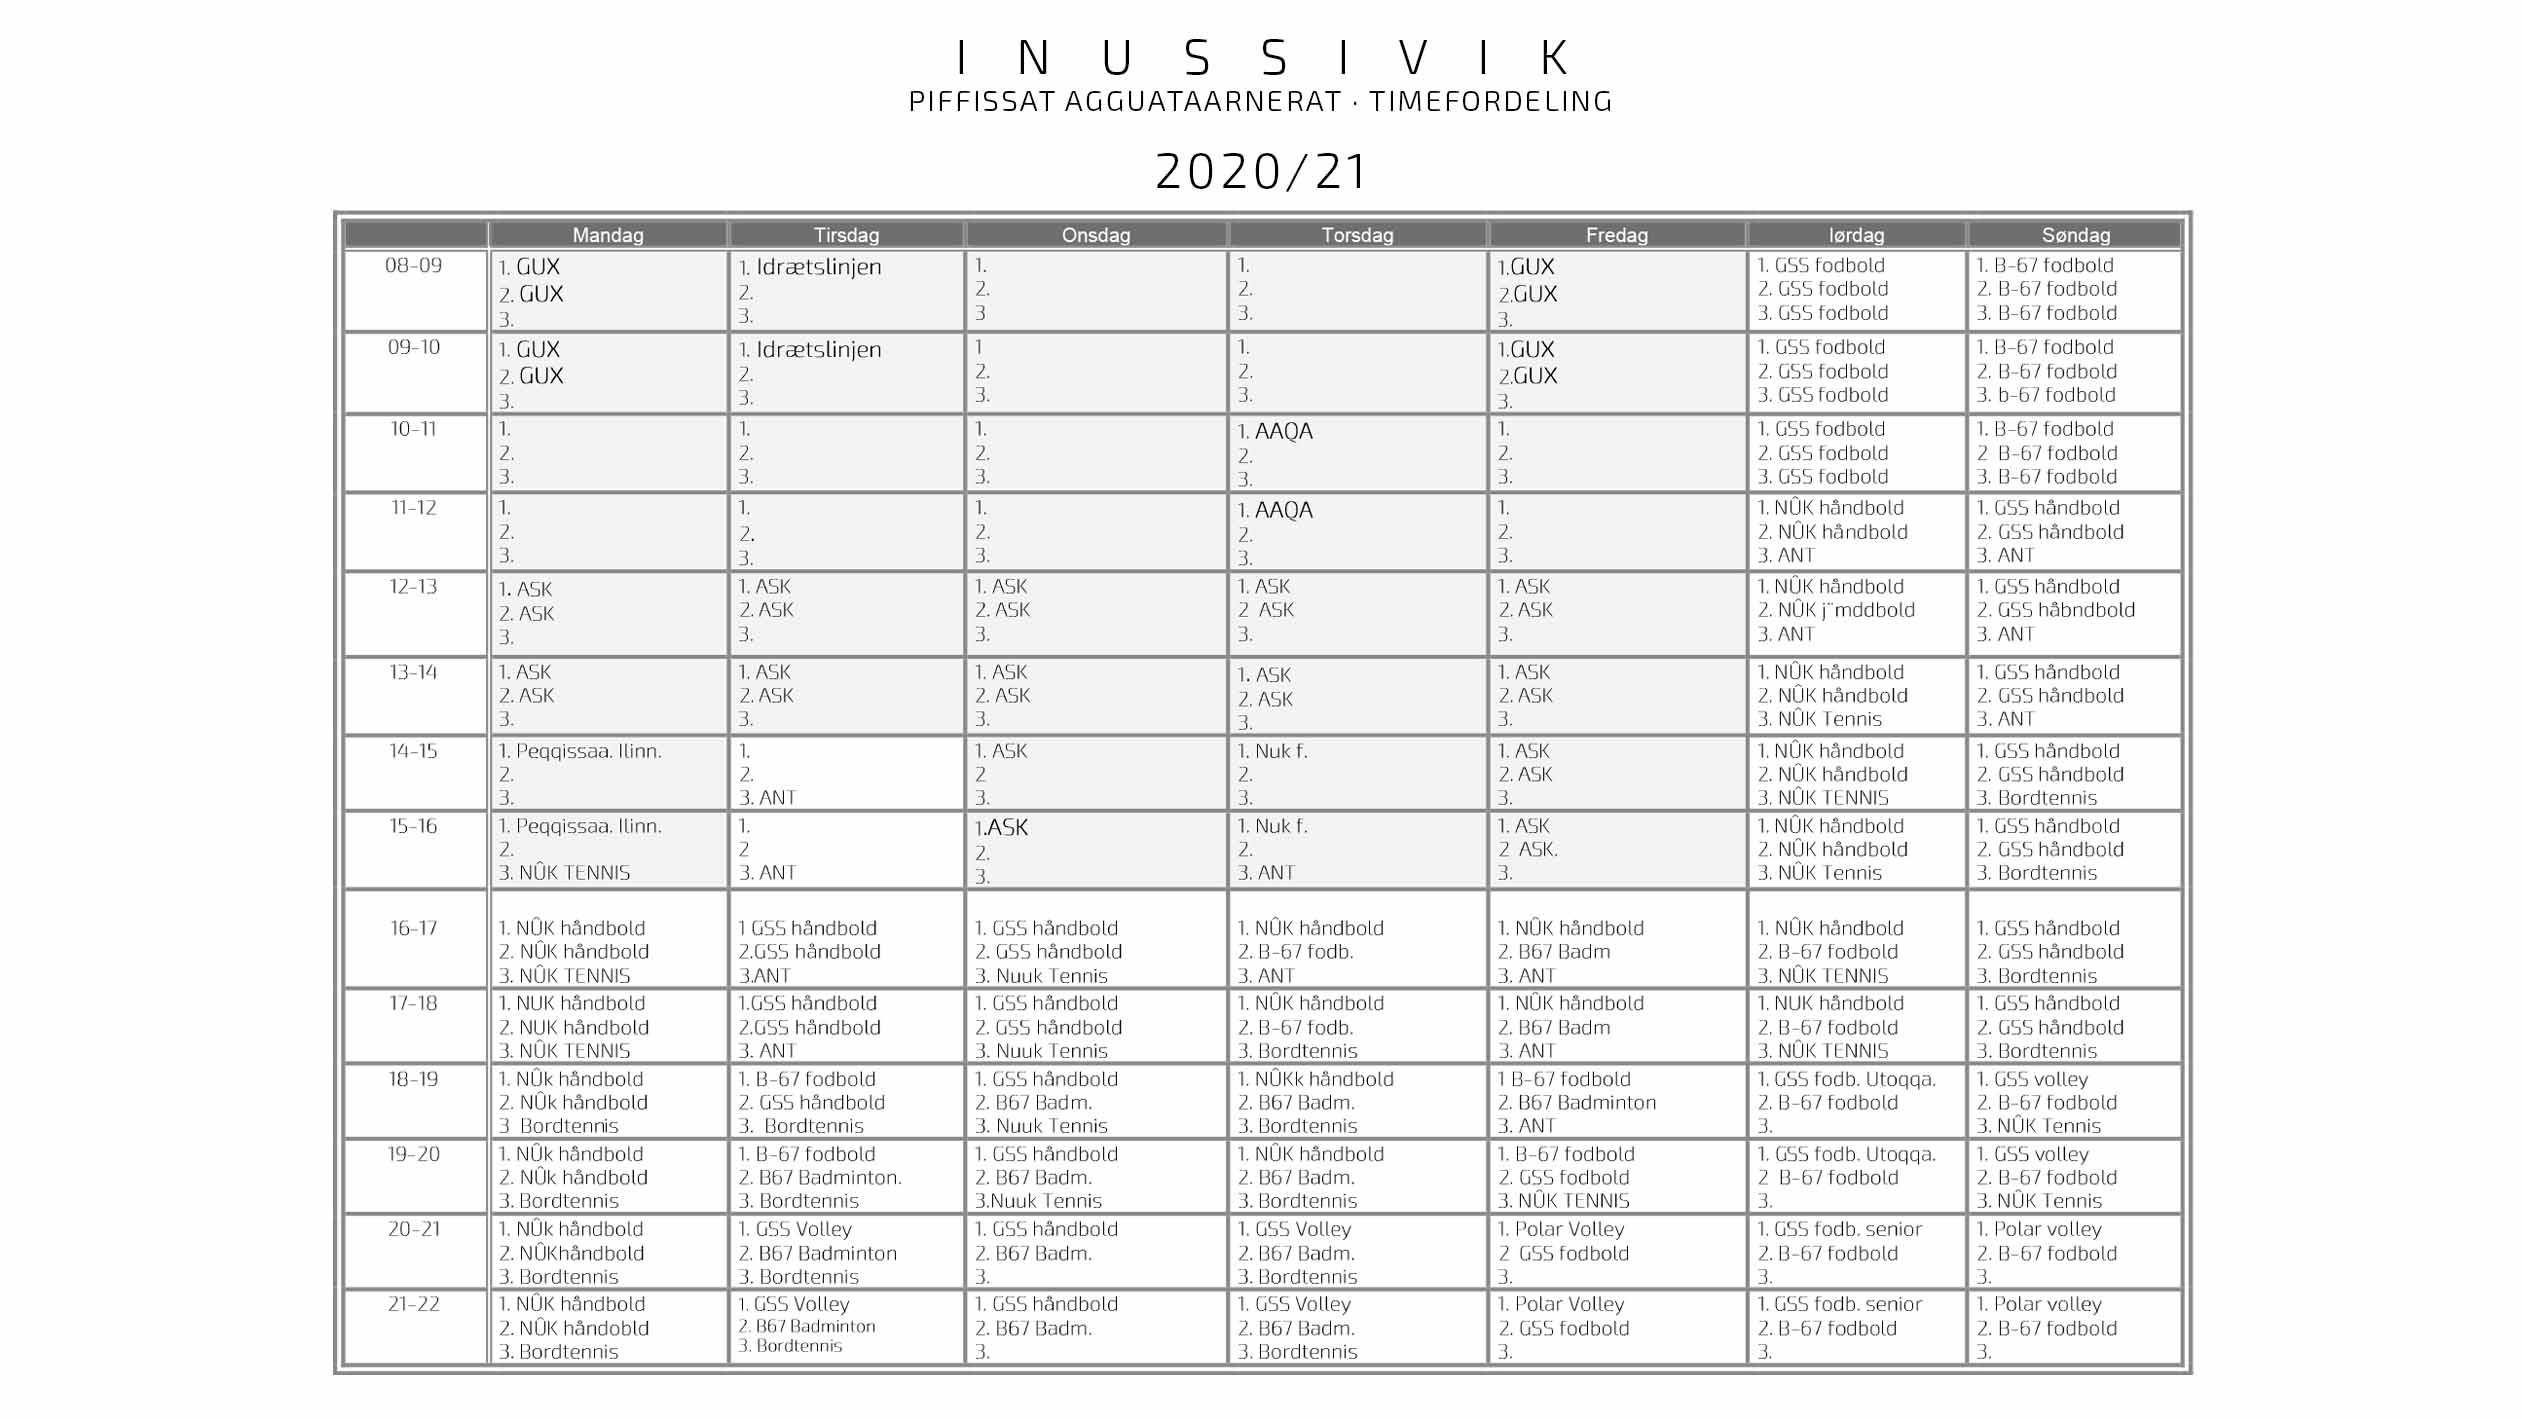 Inussivik-timefordeling_2020